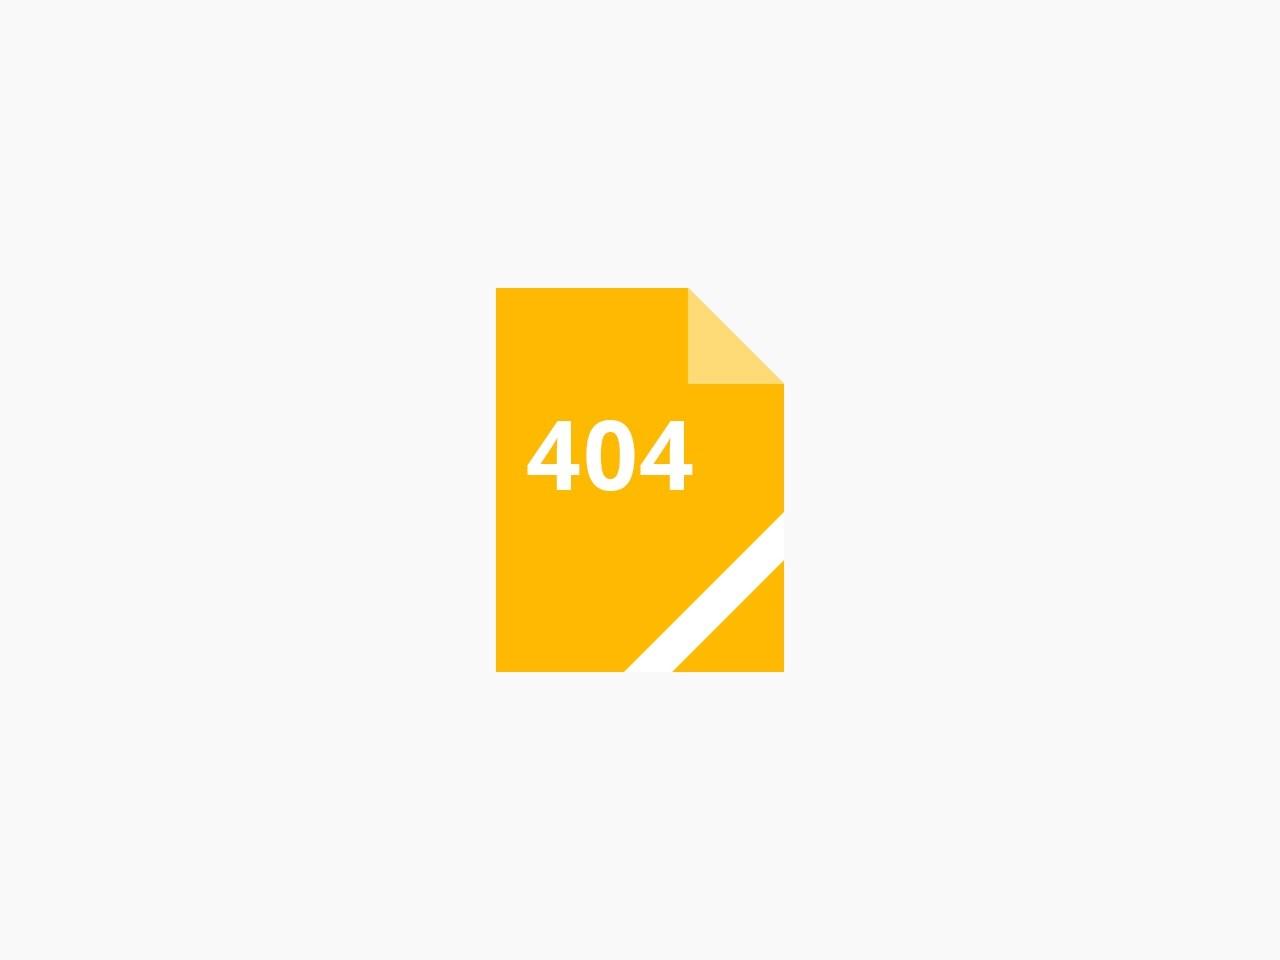 摩登游戏网_热门单机游戏下载_游戏排行榜